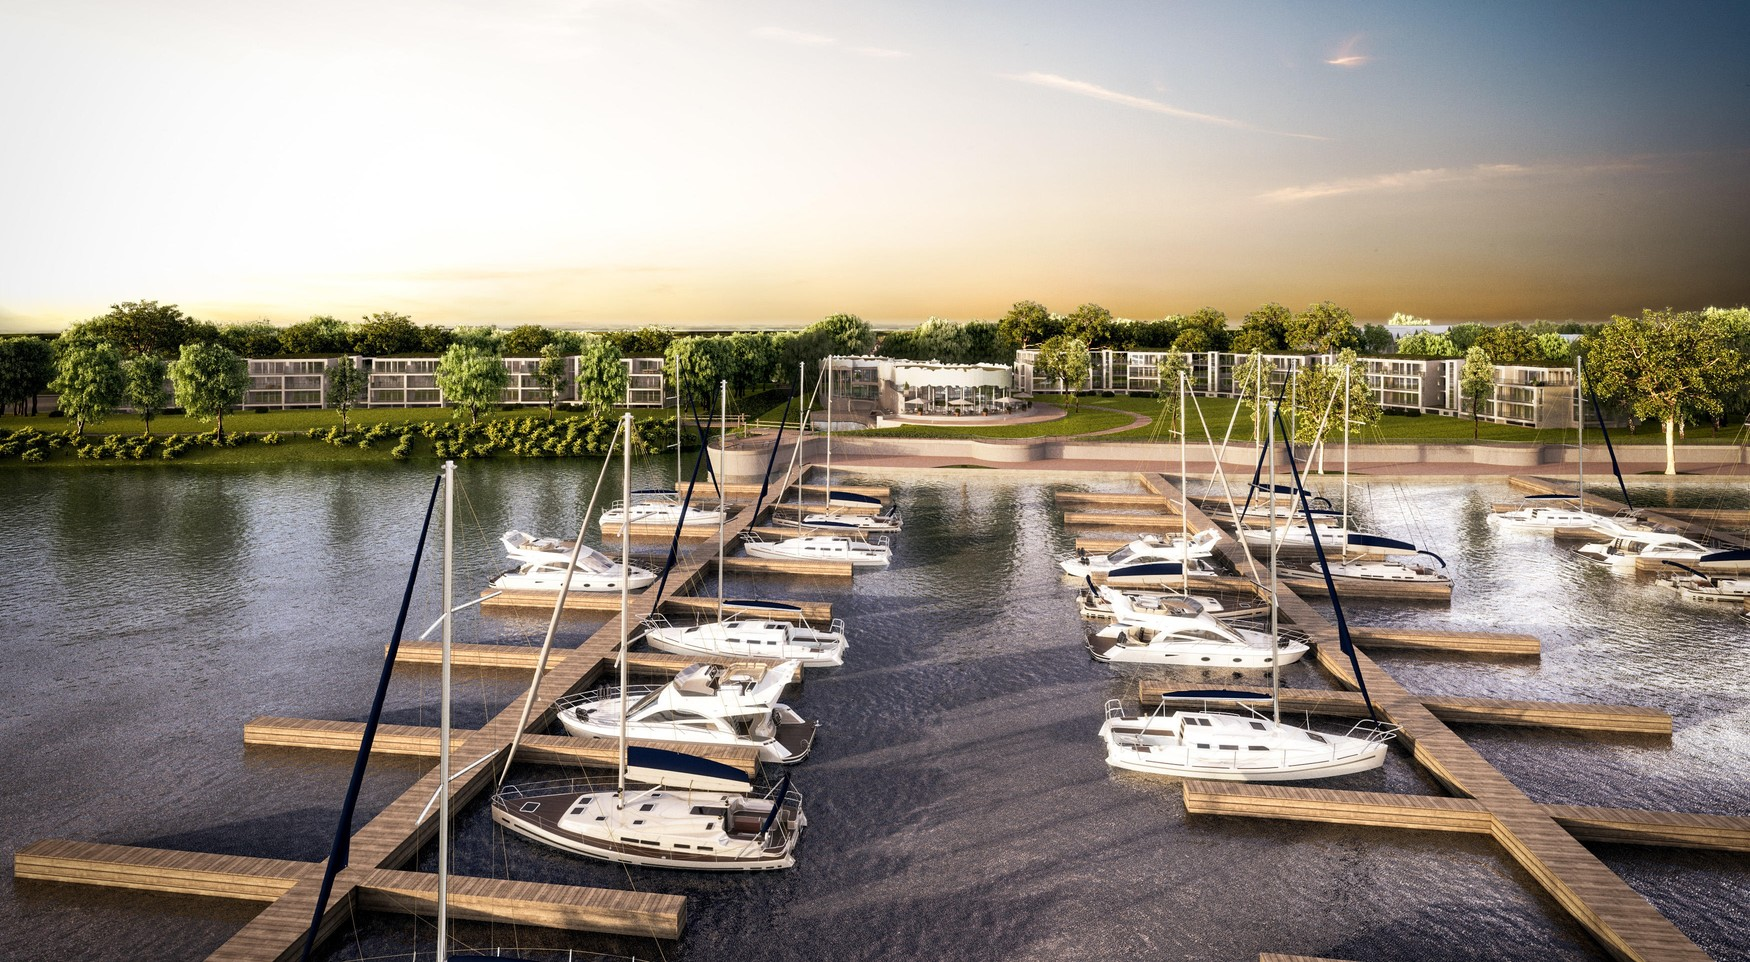 Yachthafen Resort und Spa in Waren (Müritz), Objektbeschreibung Bild 4